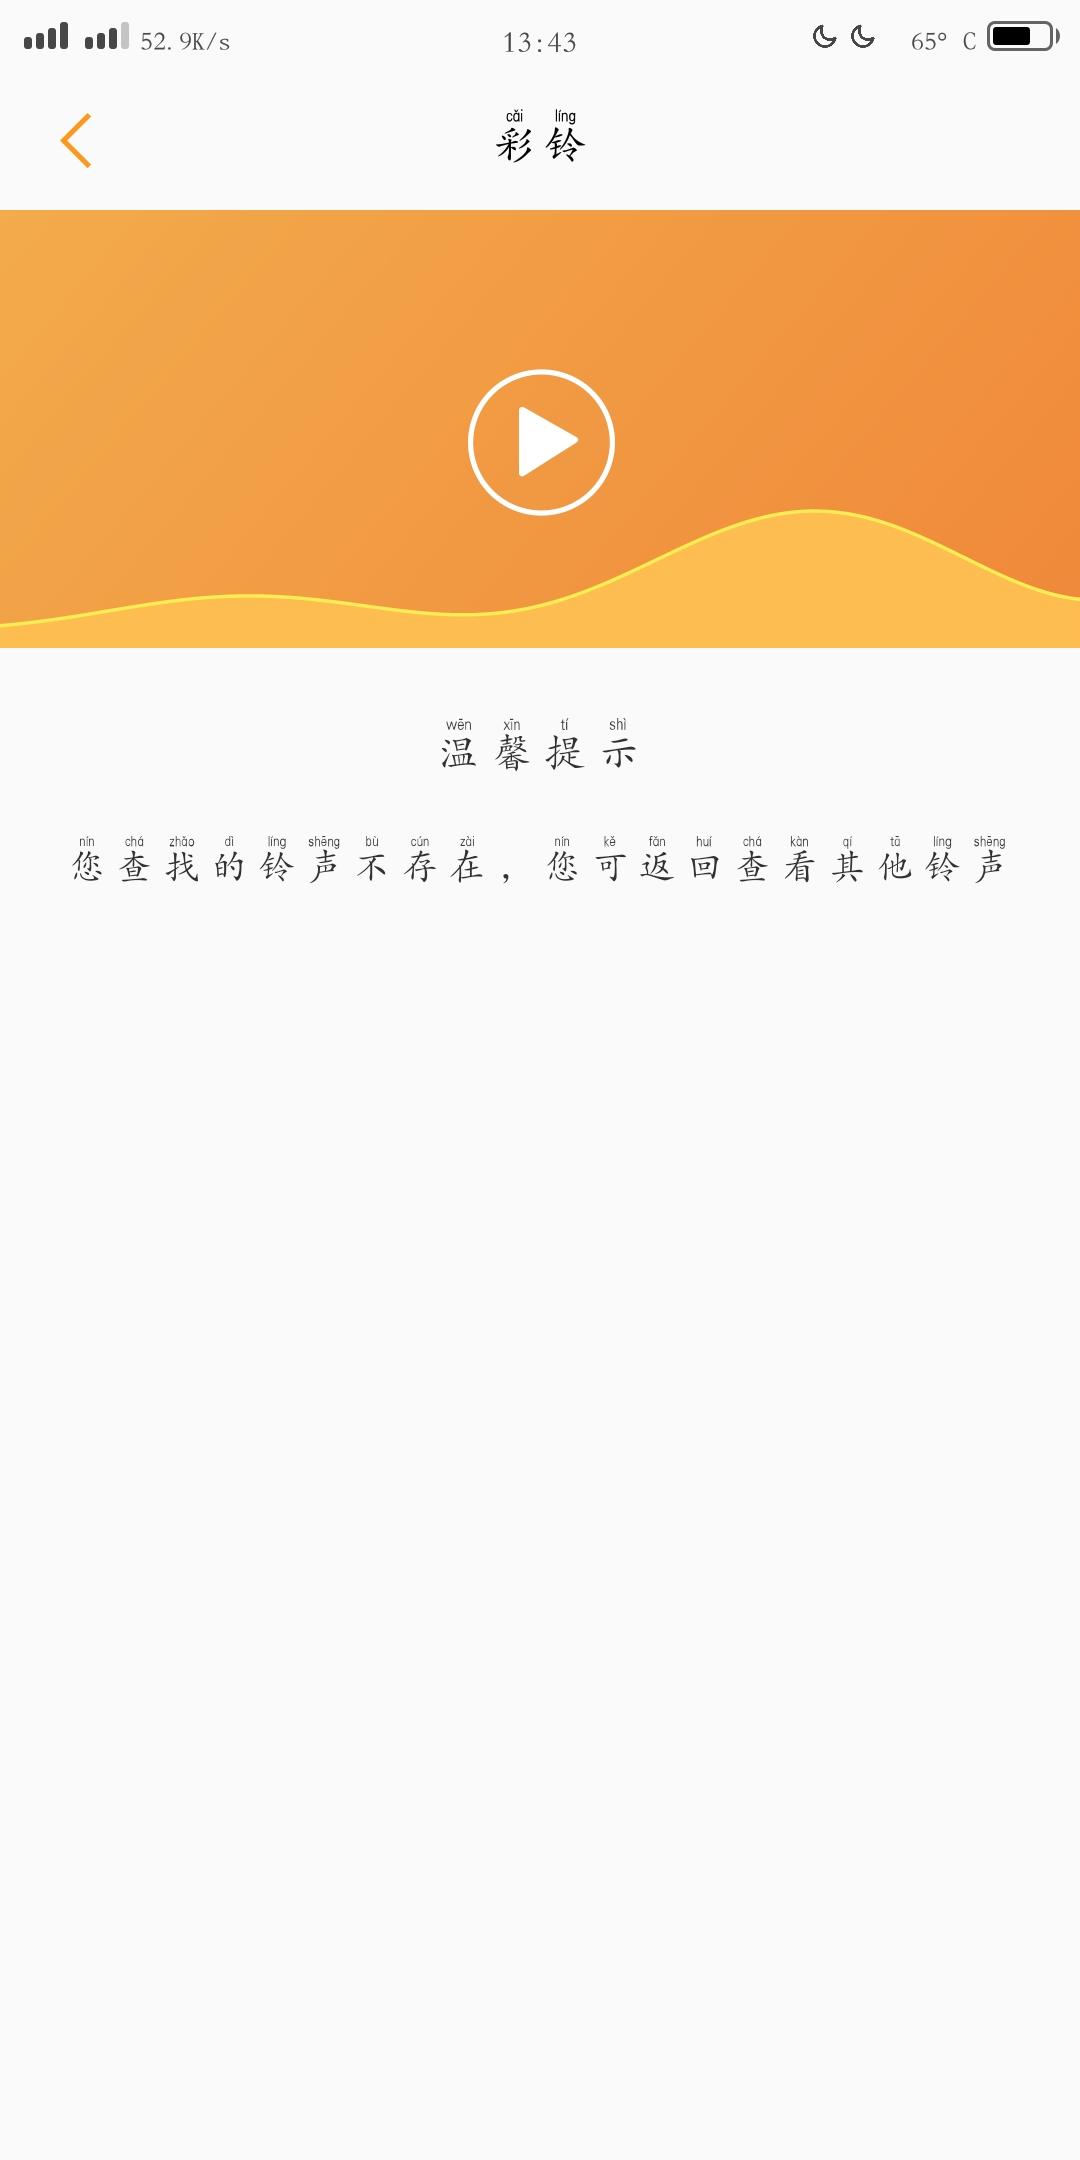 Screenshot_20180413_134316.jpg